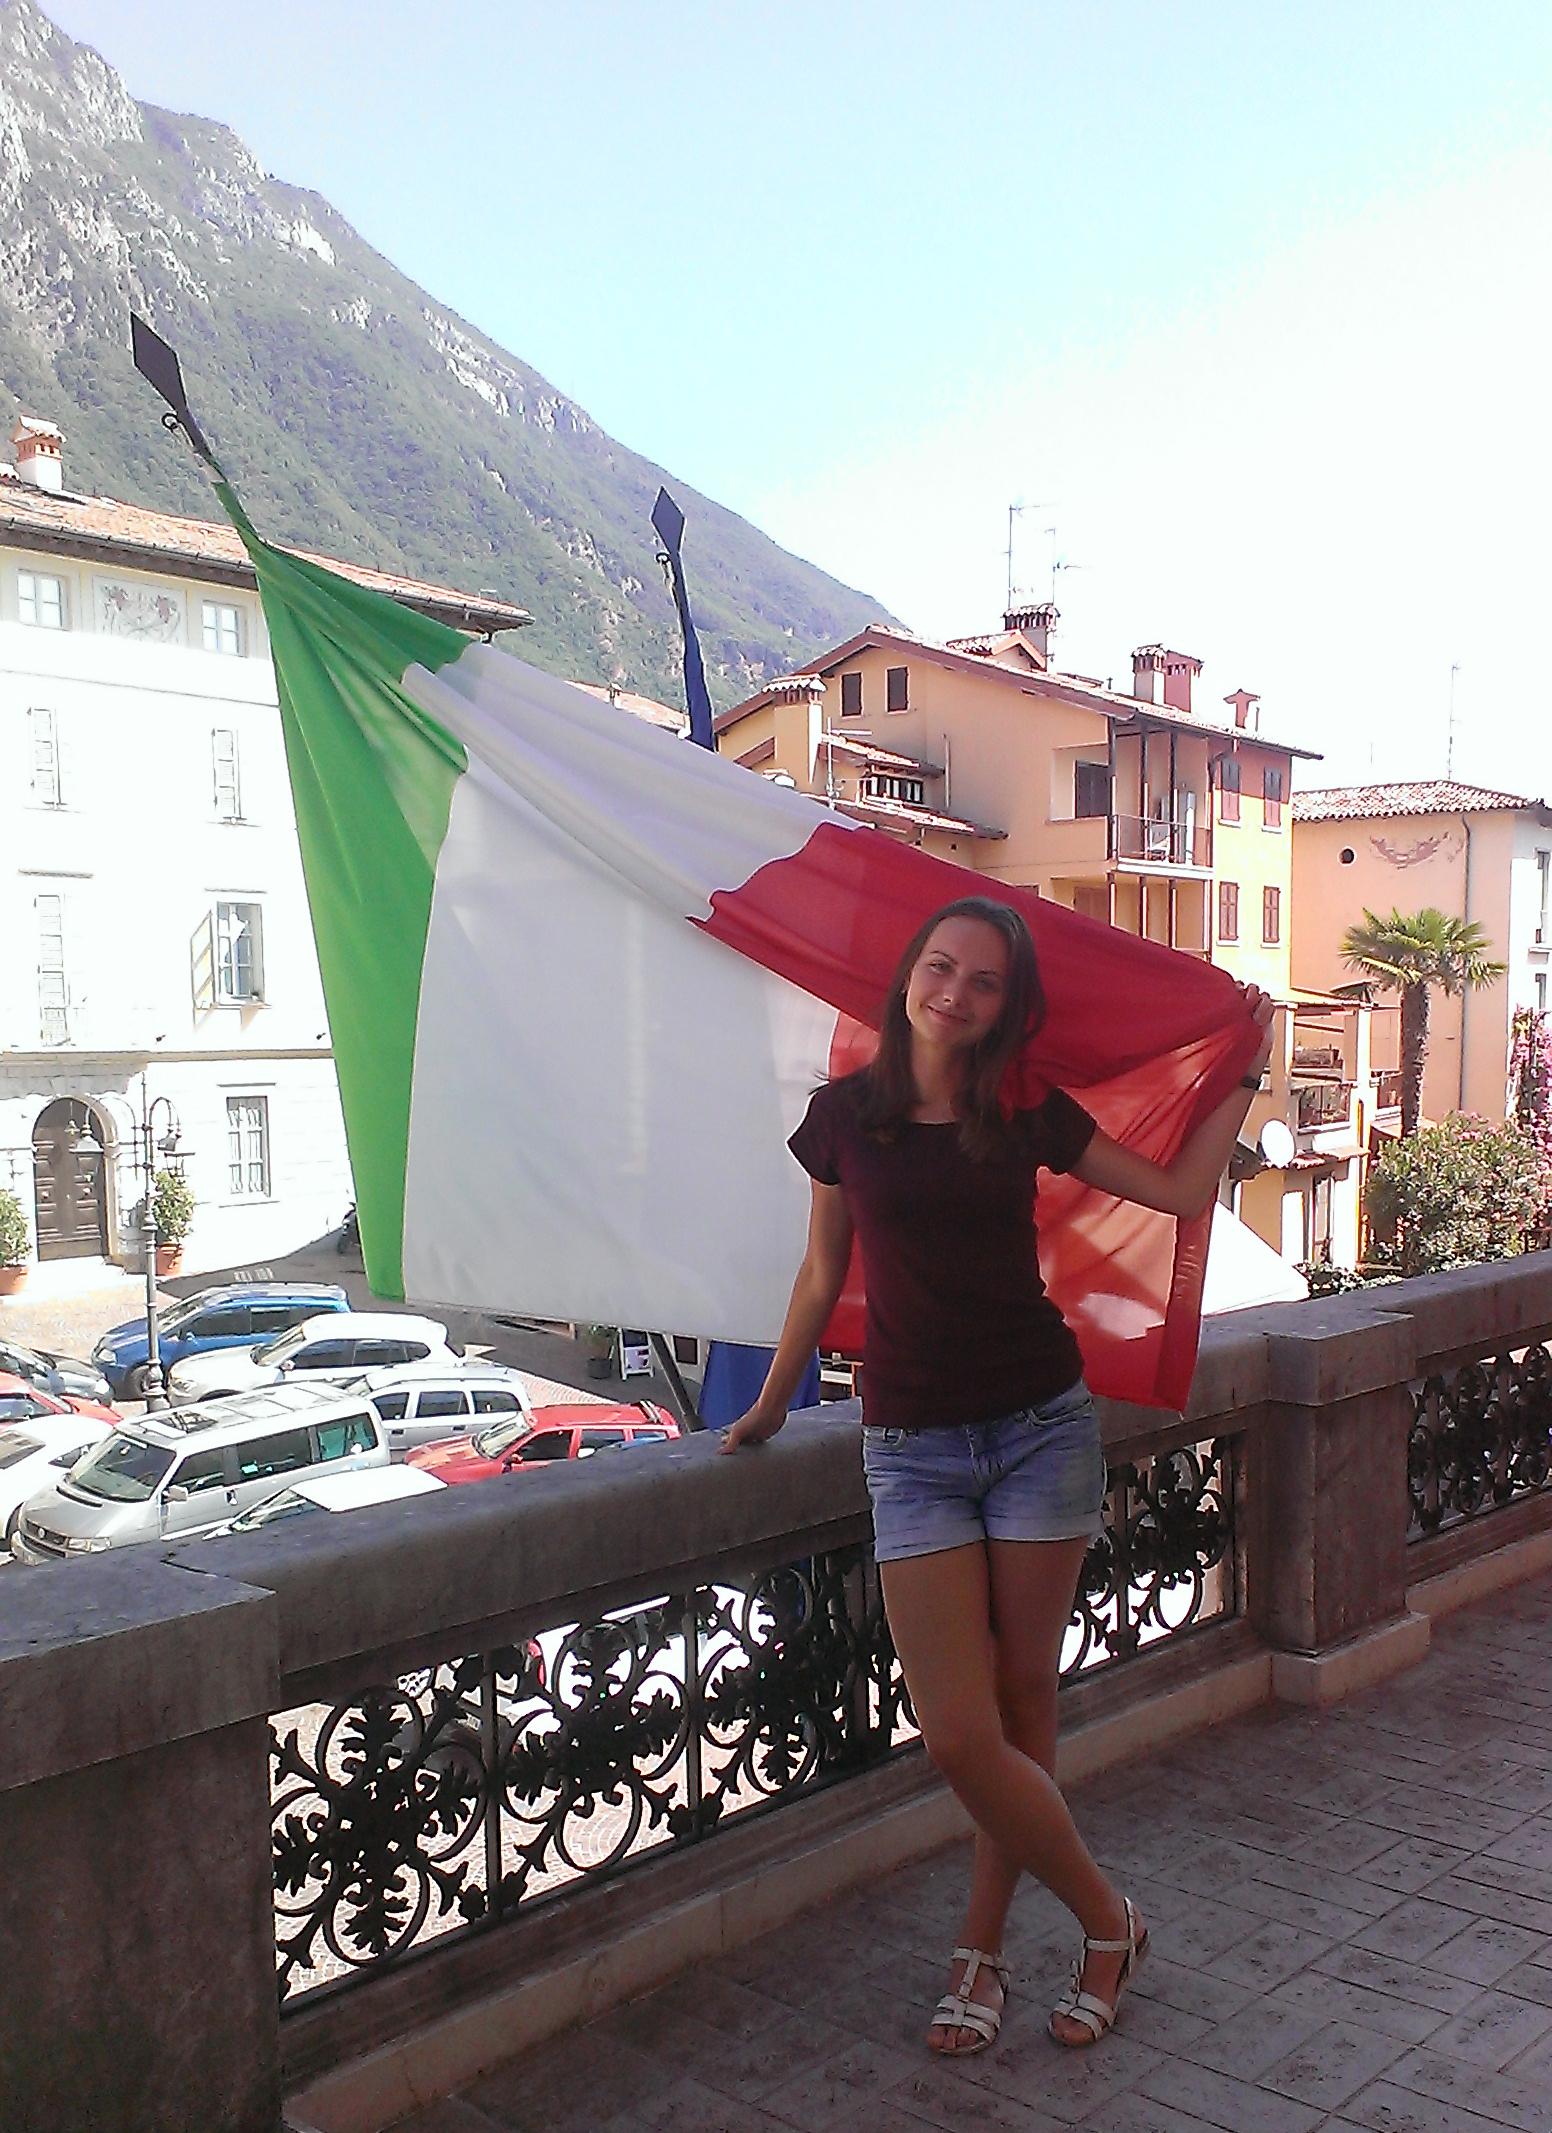 Gargnano, Garda, Italy